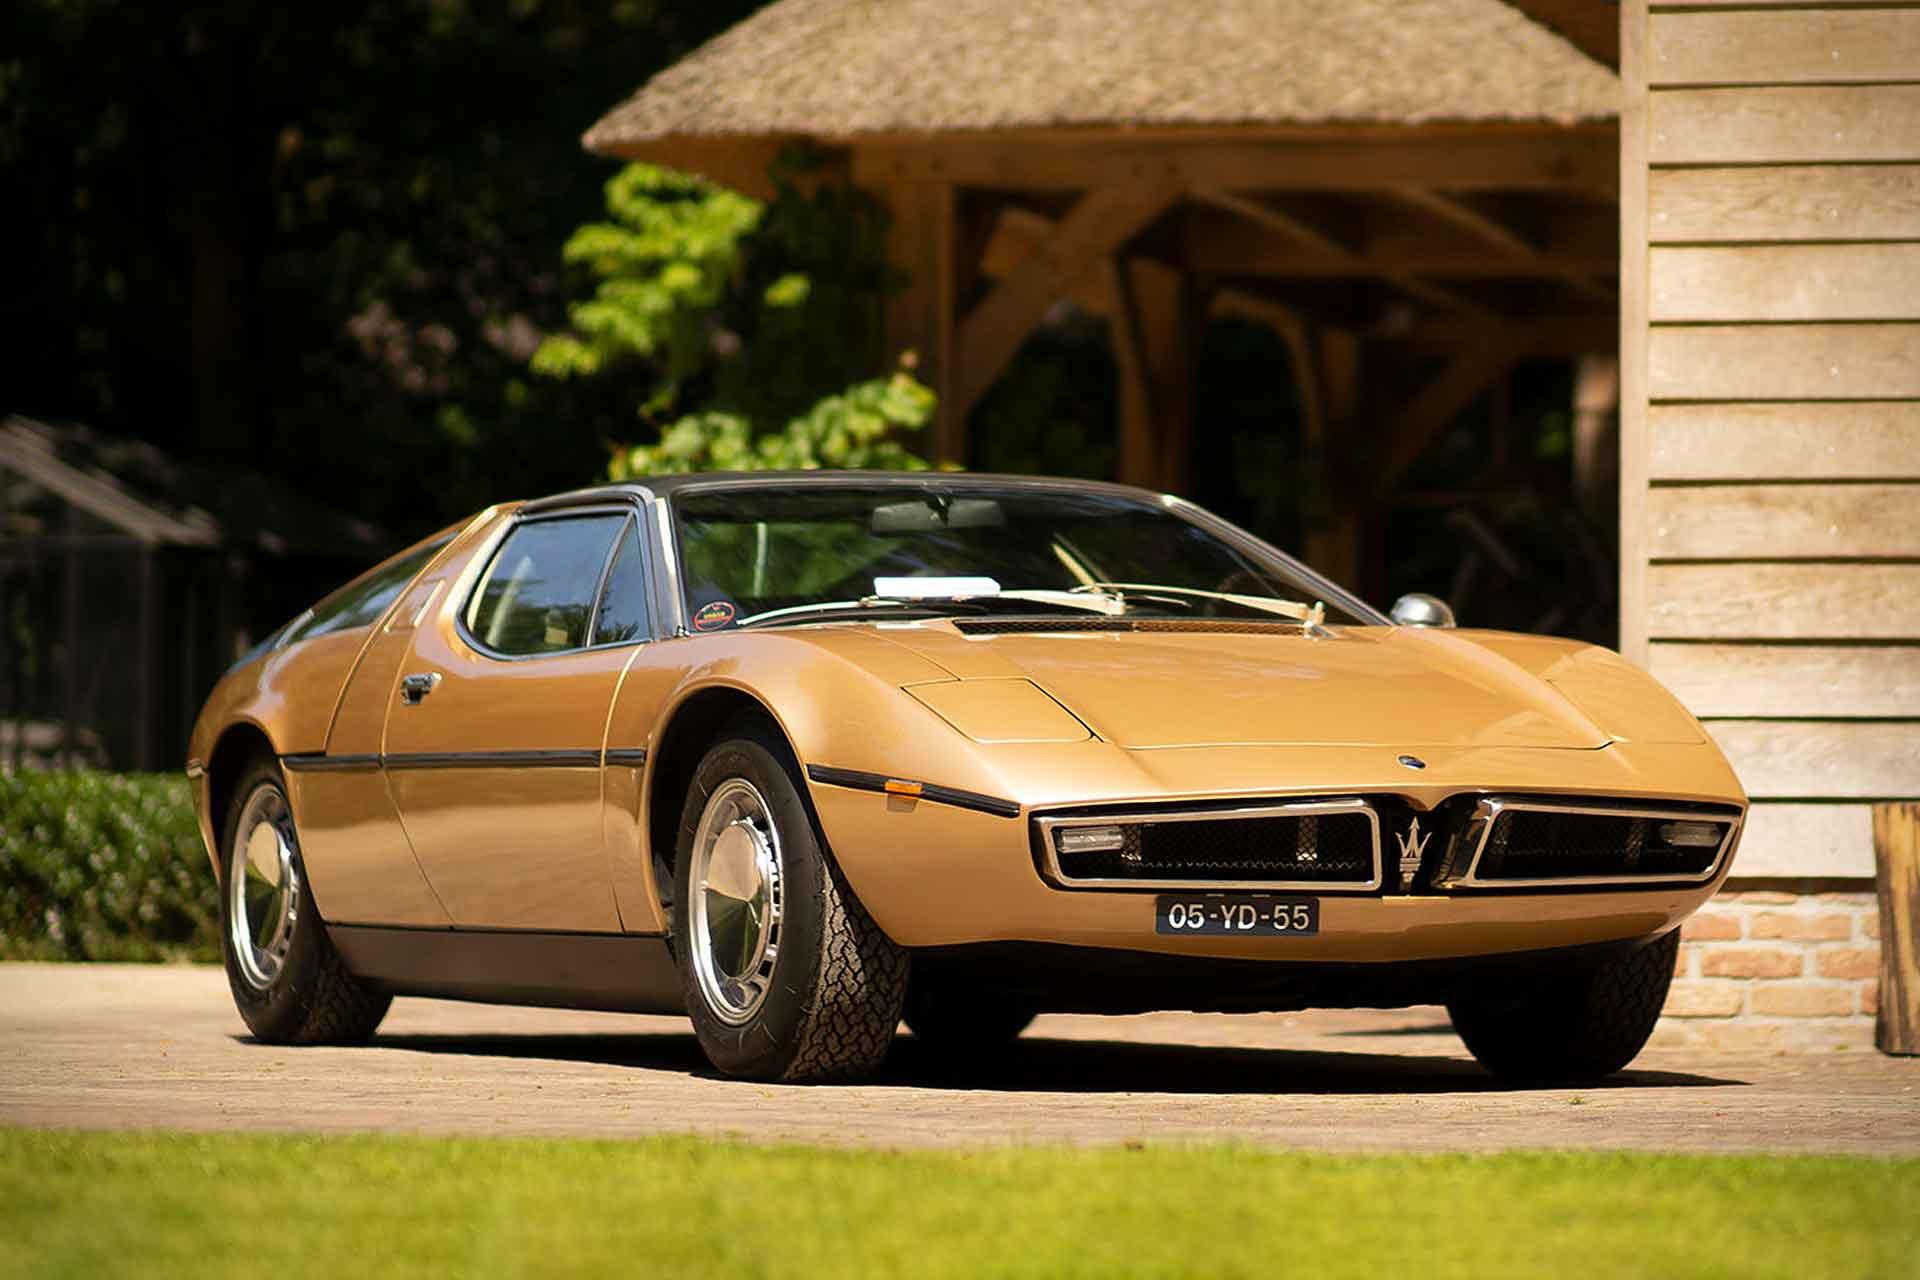 1973 Maserati Bora 4.9 Coupe   Uncrate